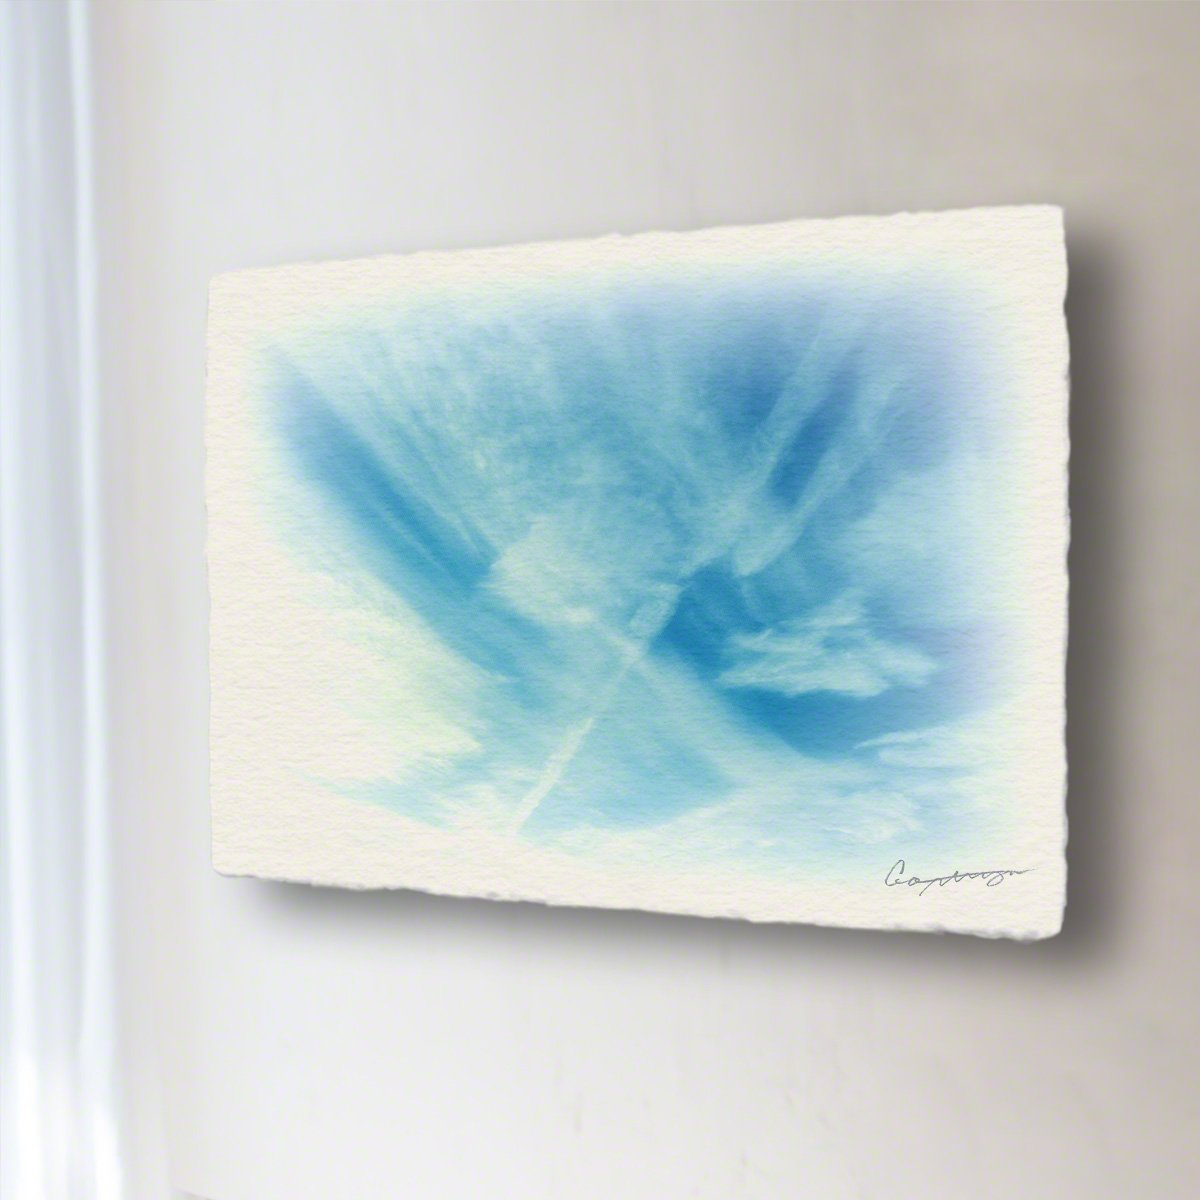 和紙 アートパネル 「筋雲と飛行機雲」 (48x36cm) 絵 絵画 壁掛け 壁飾り インテリア アート B074XN7P5S 15.アートパネル(長辺54cm) 29800円|筋雲と飛行機雲 筋雲と飛行機雲 15.アートパネル(長辺54cm) 29800円